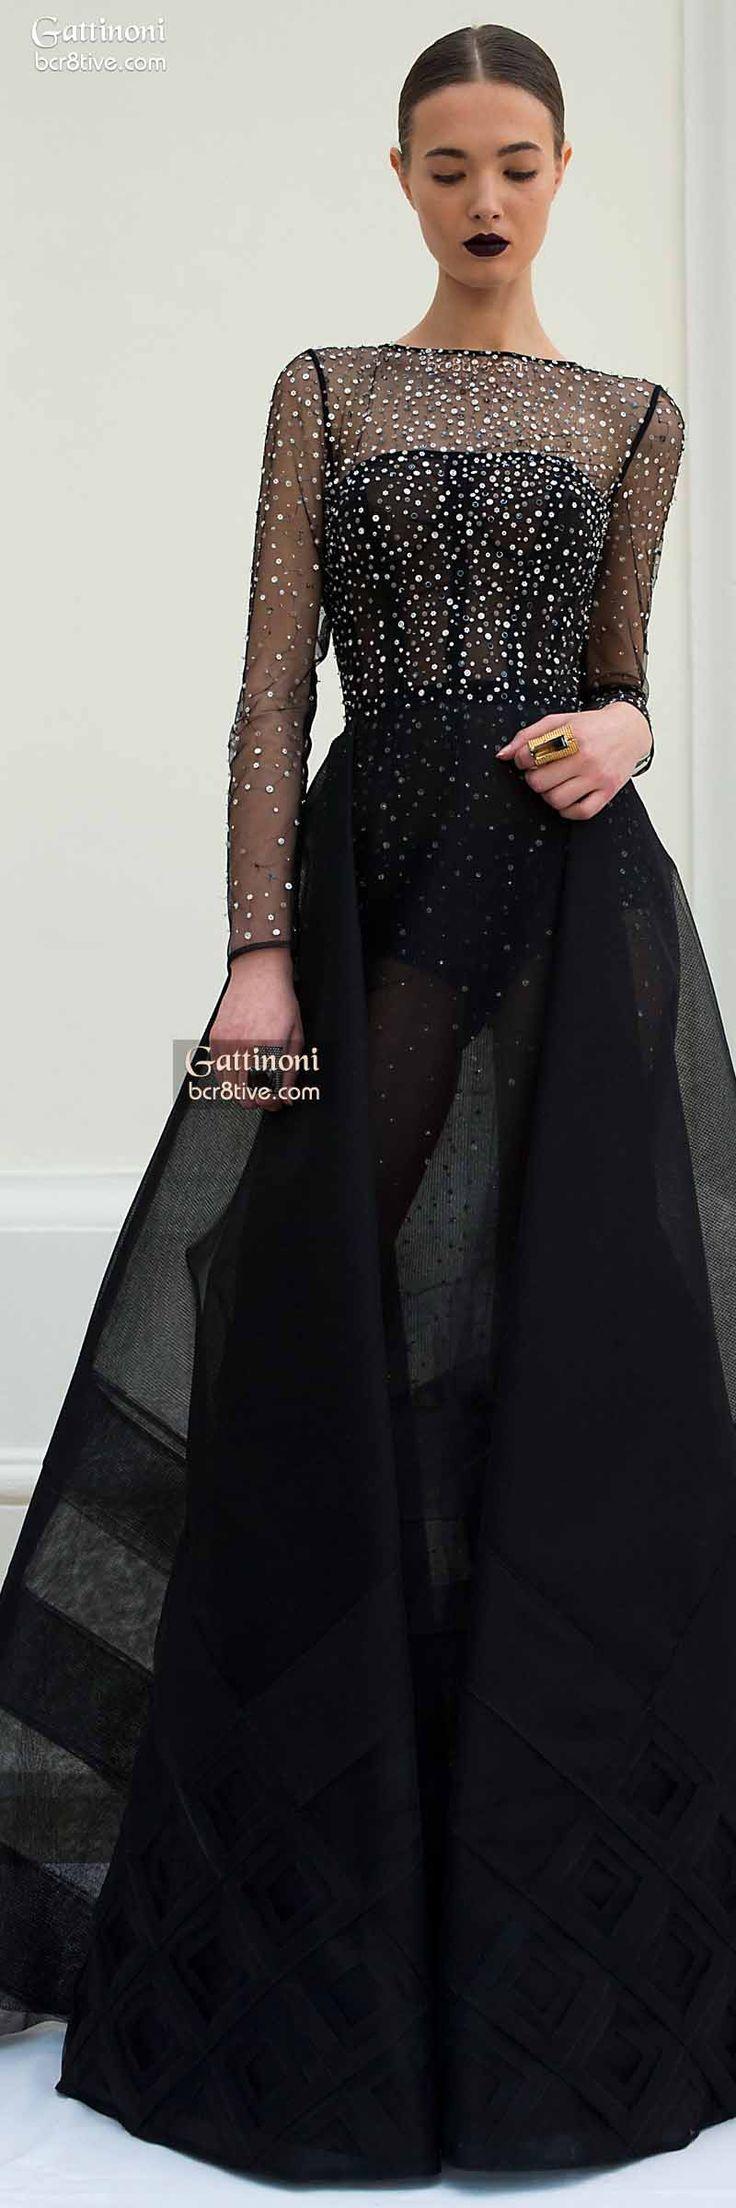 Algún día sueño con llevar un vestido de Gattinoni. Los detalles de transparencias y pedrería logran un look explosivo pero elegante.